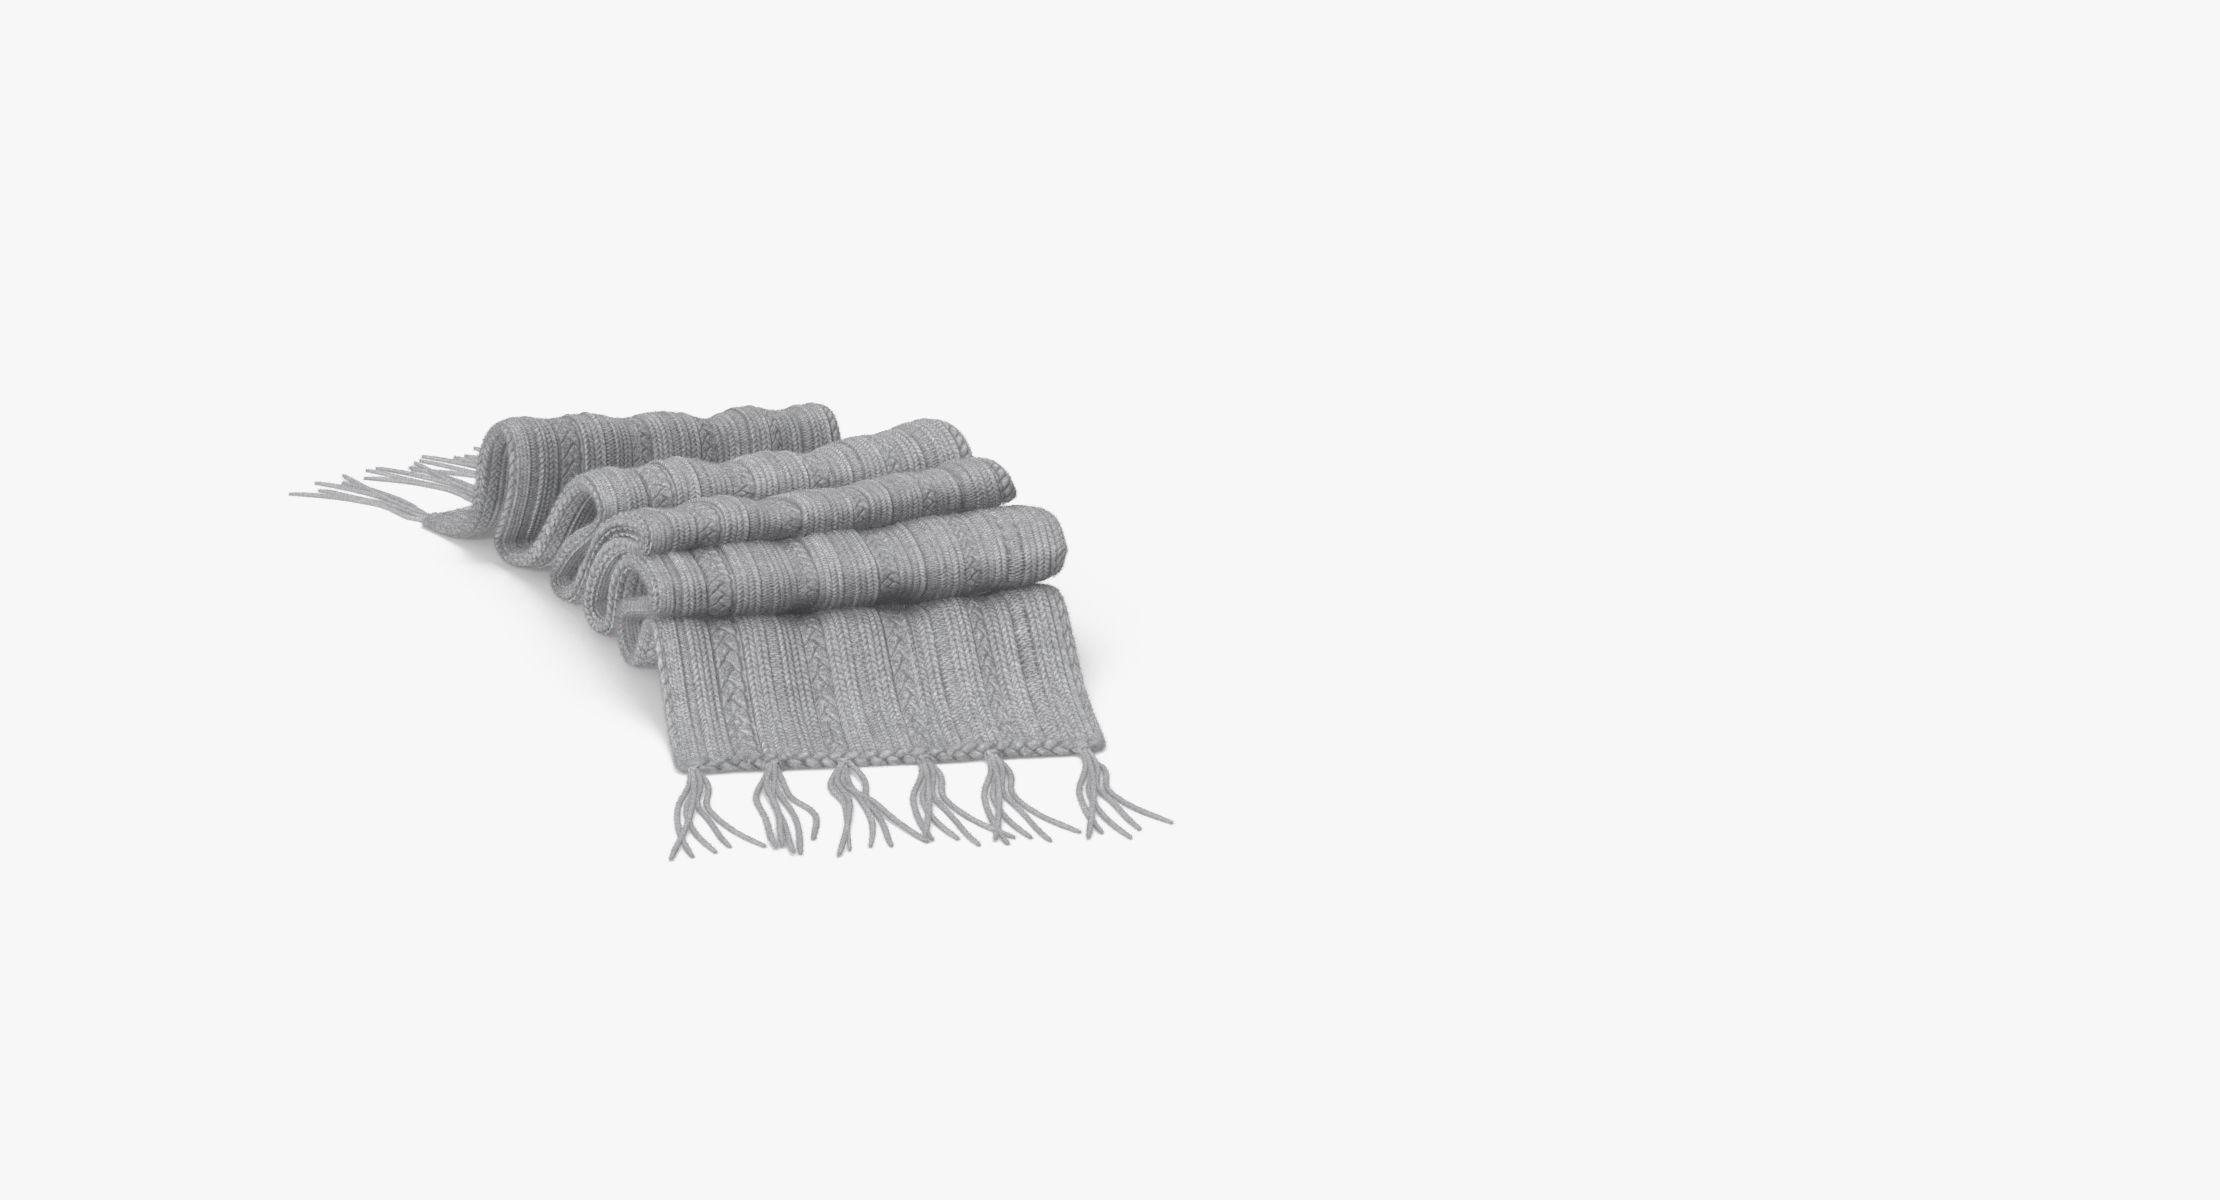 Scarf 03 - reel 1